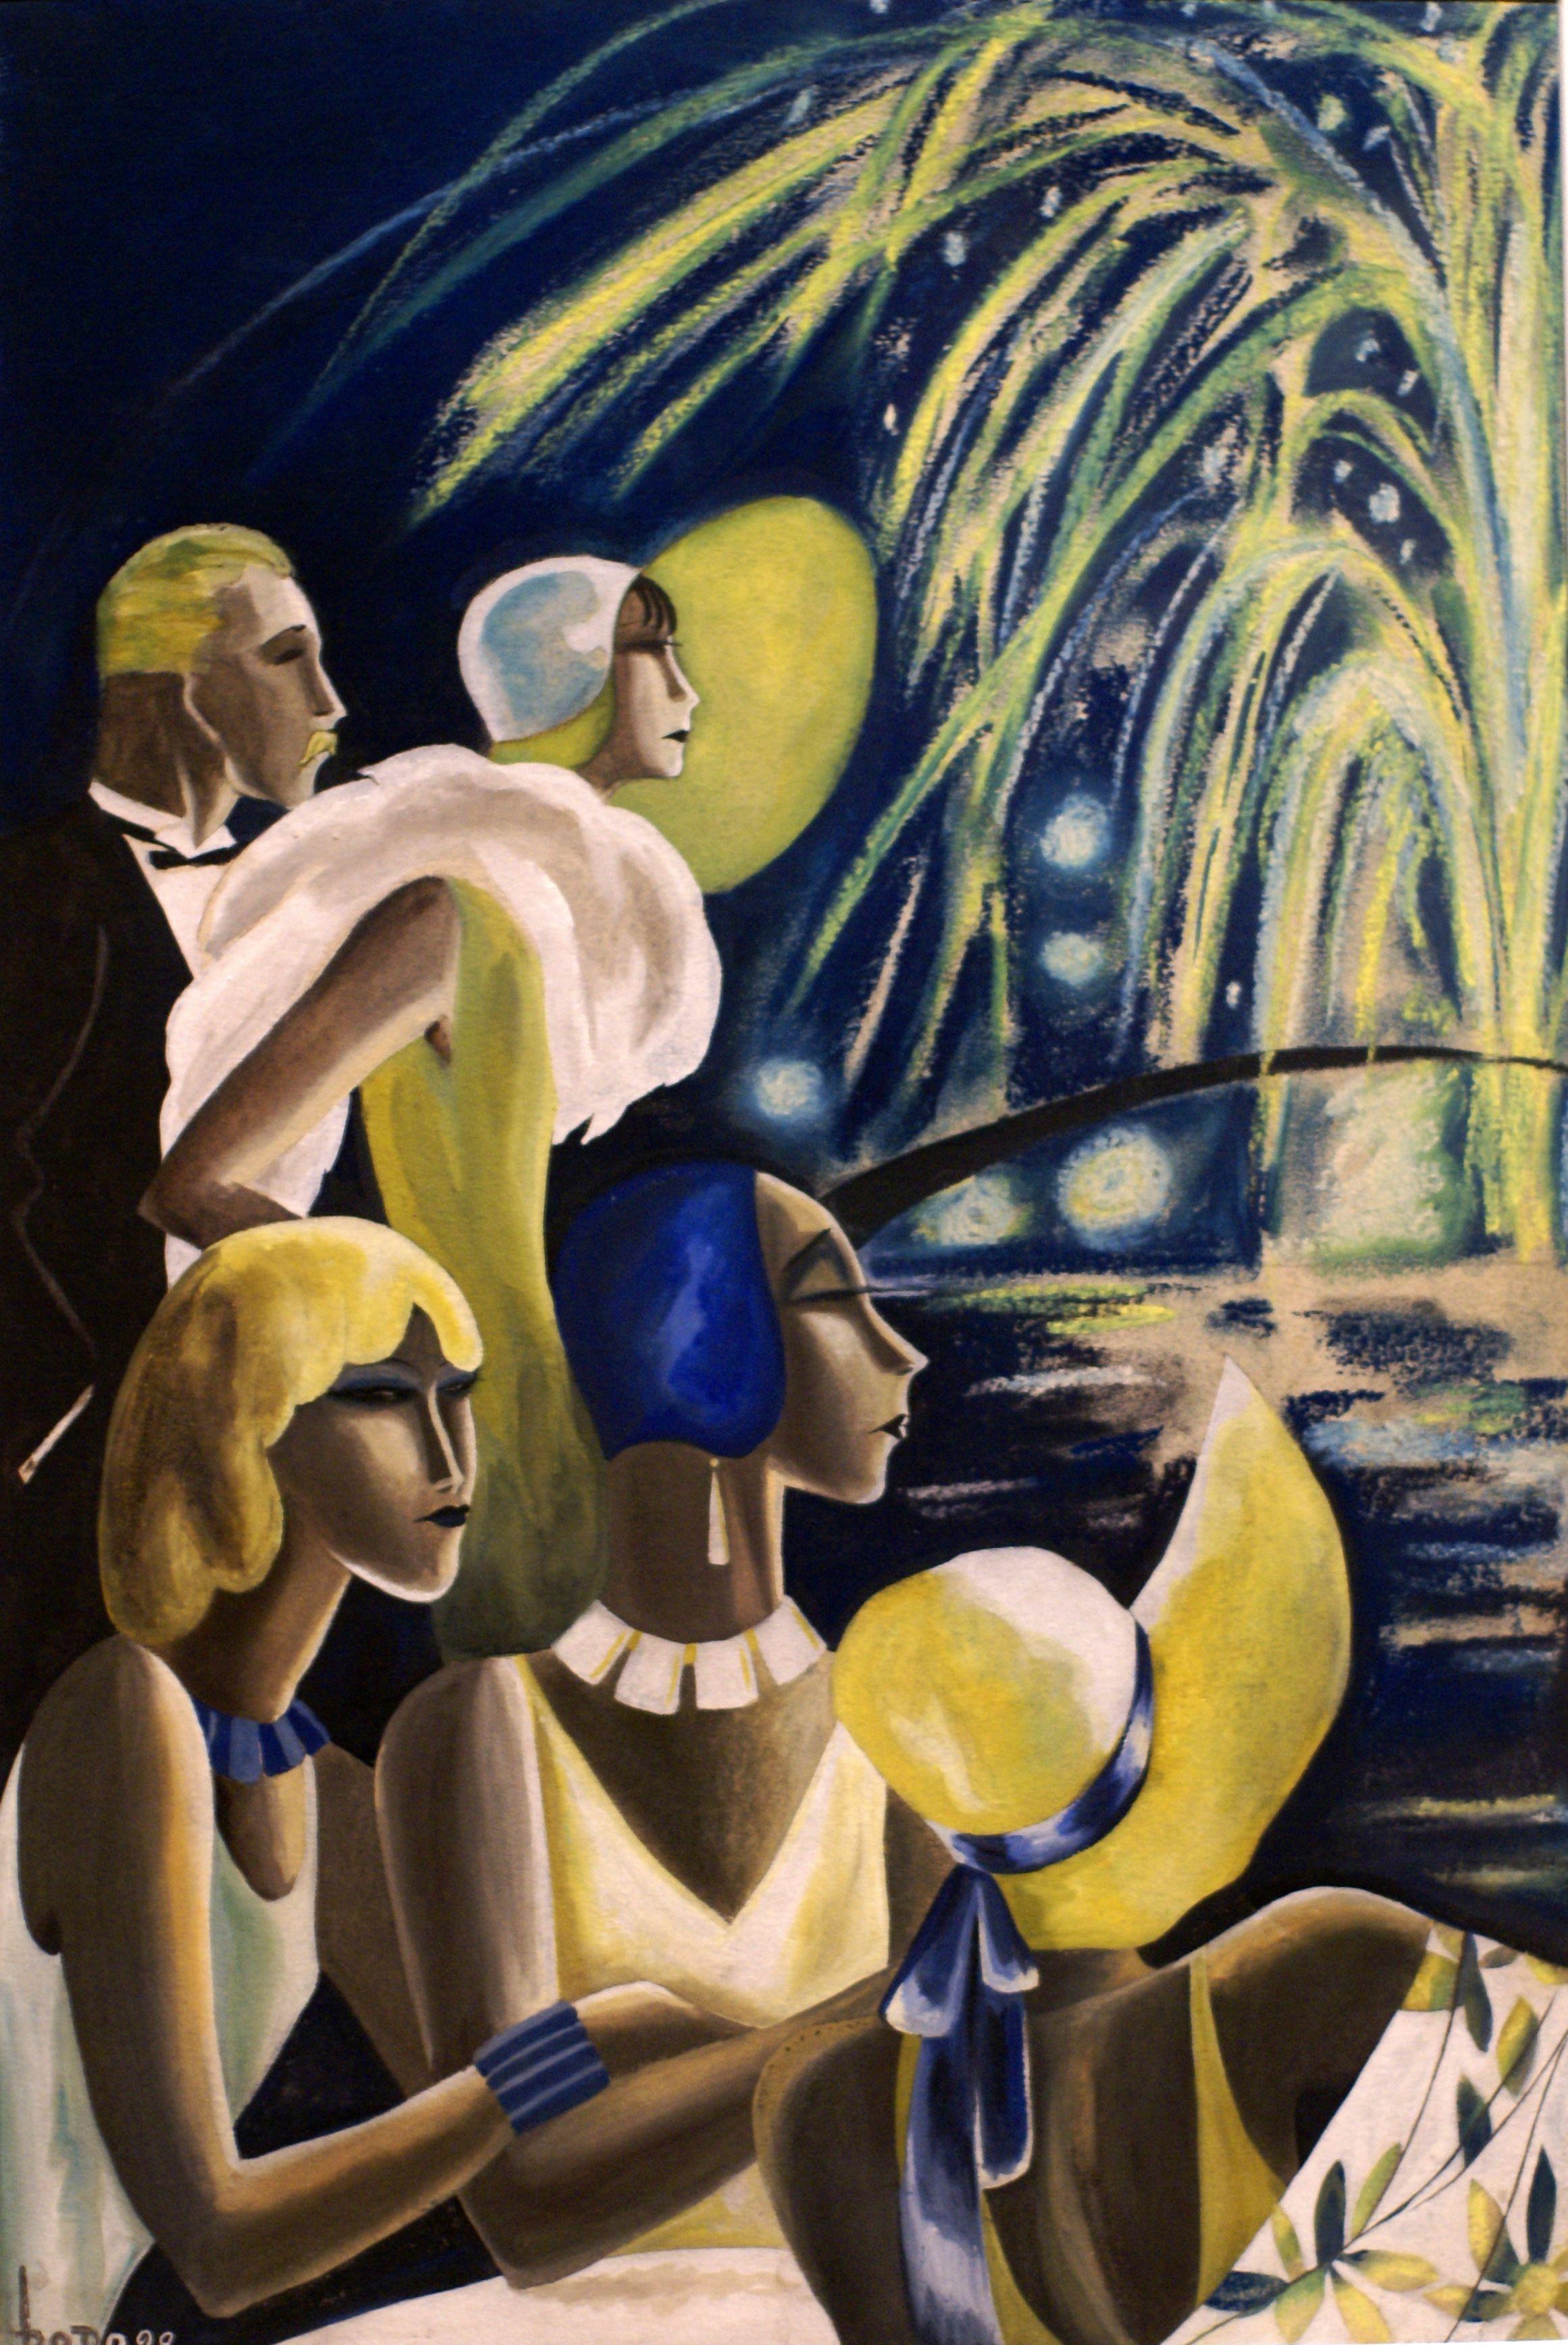 Dodo Feuerwerk Fireworks 1929 Als Dorte Clara Wolff 1907 In Berlin Geboren Art Art Deco Illustration Art Deco Posters